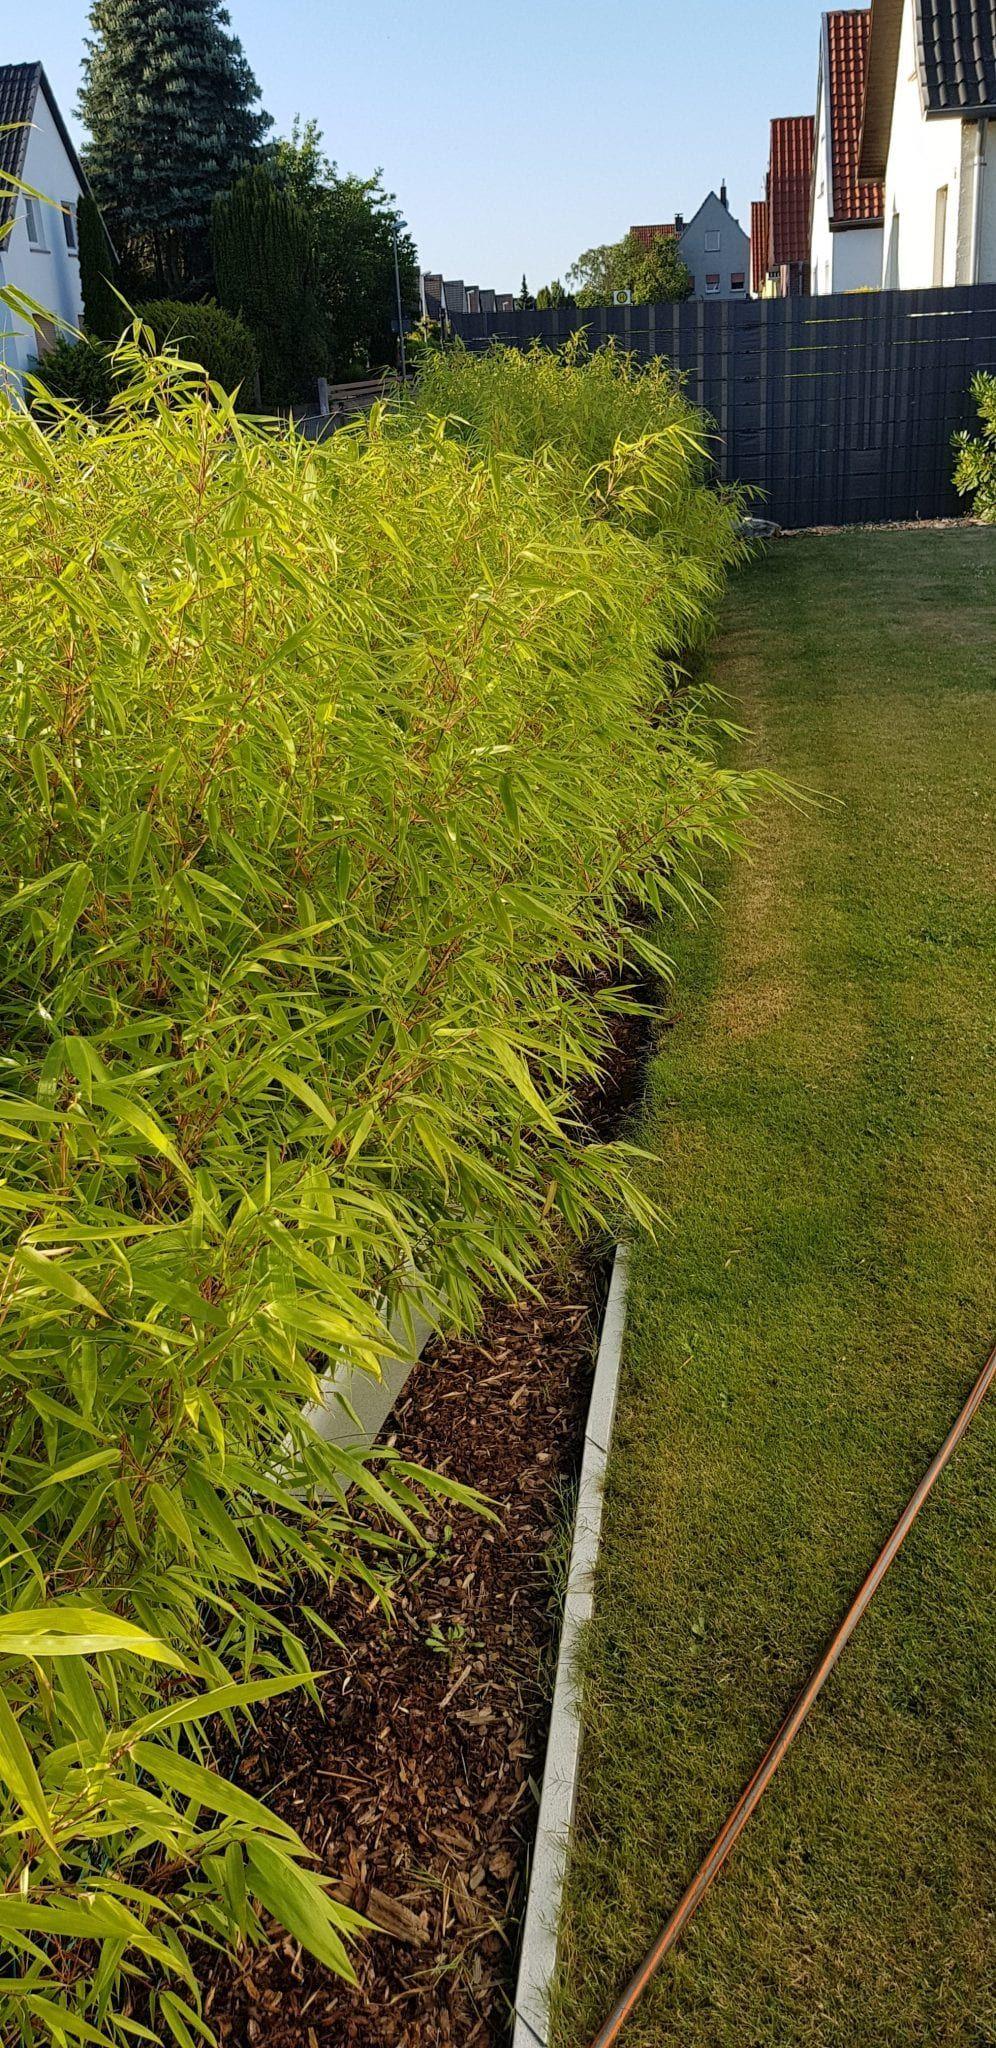 Gartenpflege – Wie wo wann was